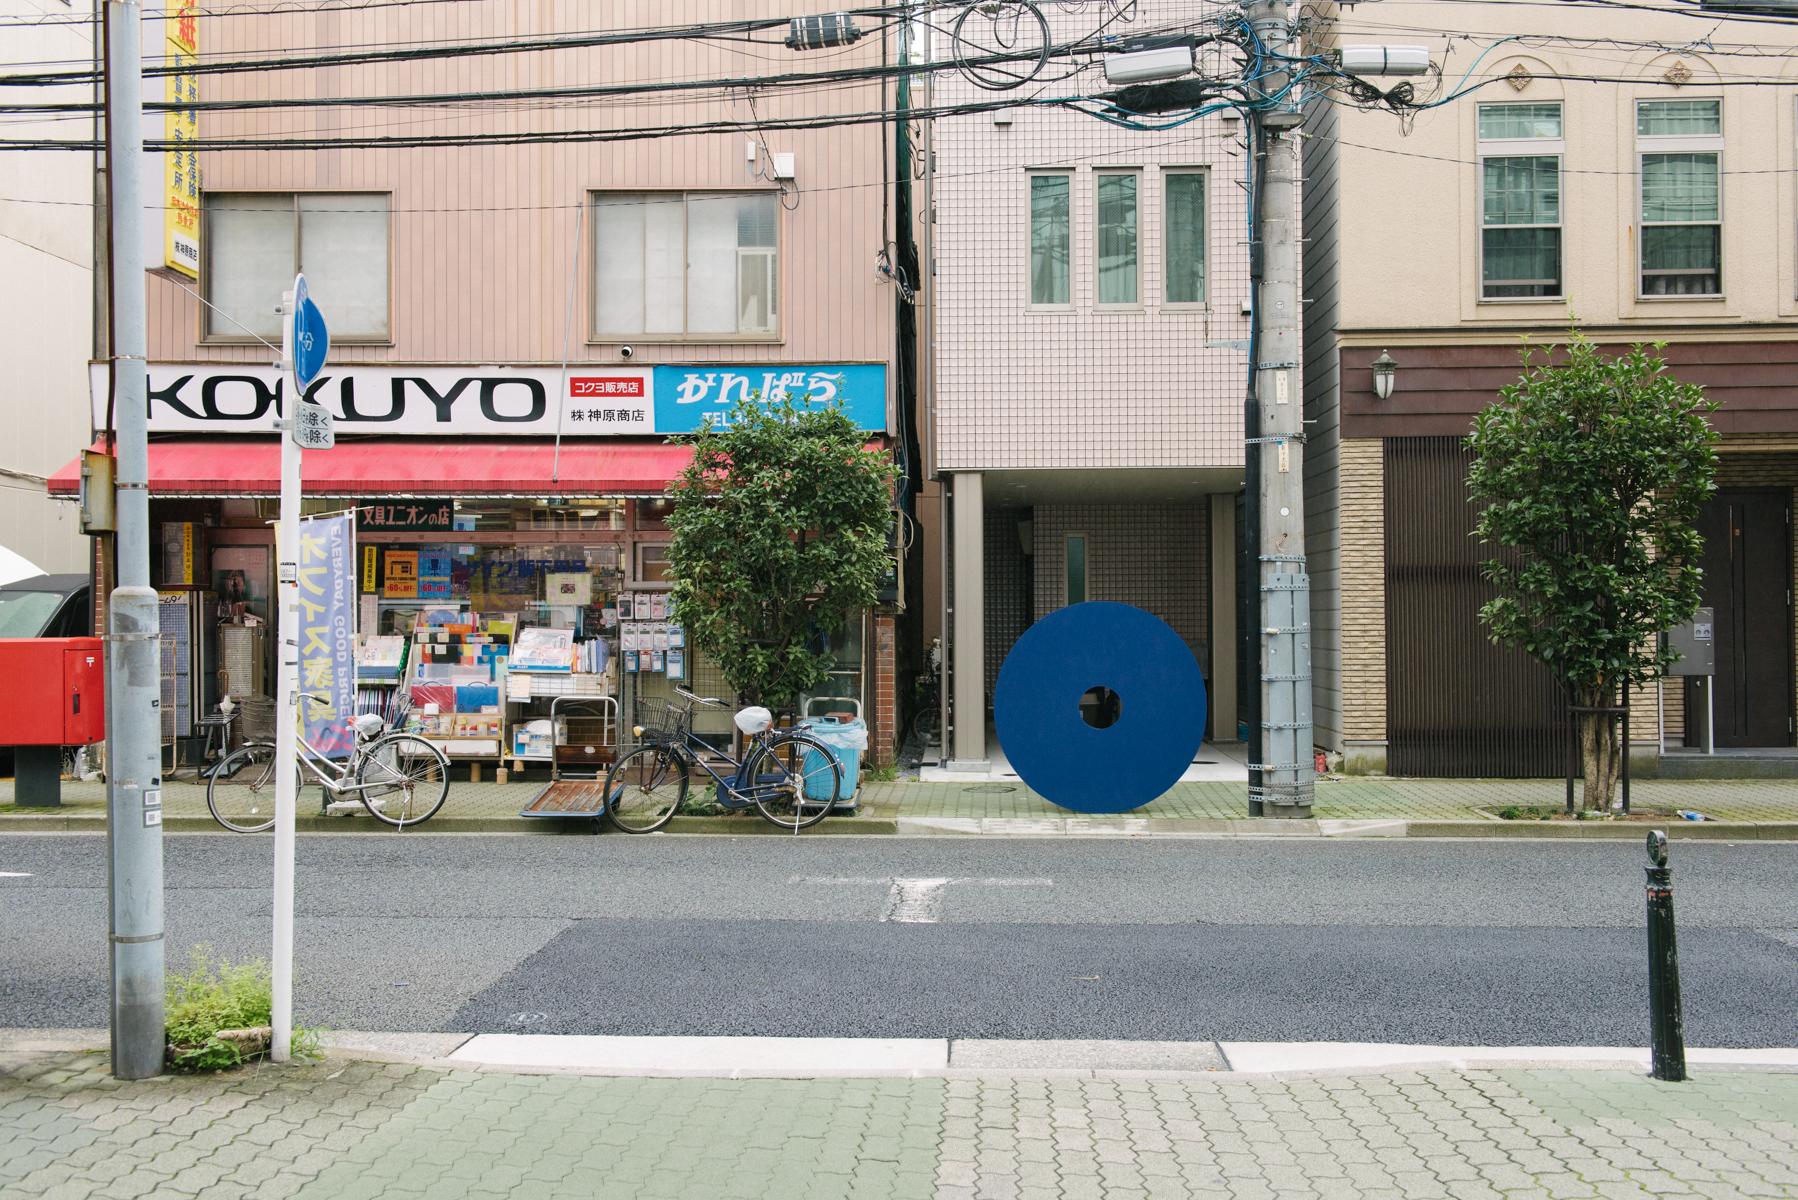 シンポジウム|東京ビエンナーレ2020/2021特別企画「新常態(ニューノーマル)と創造性(クリエイティビティ)」開催のお知らせ